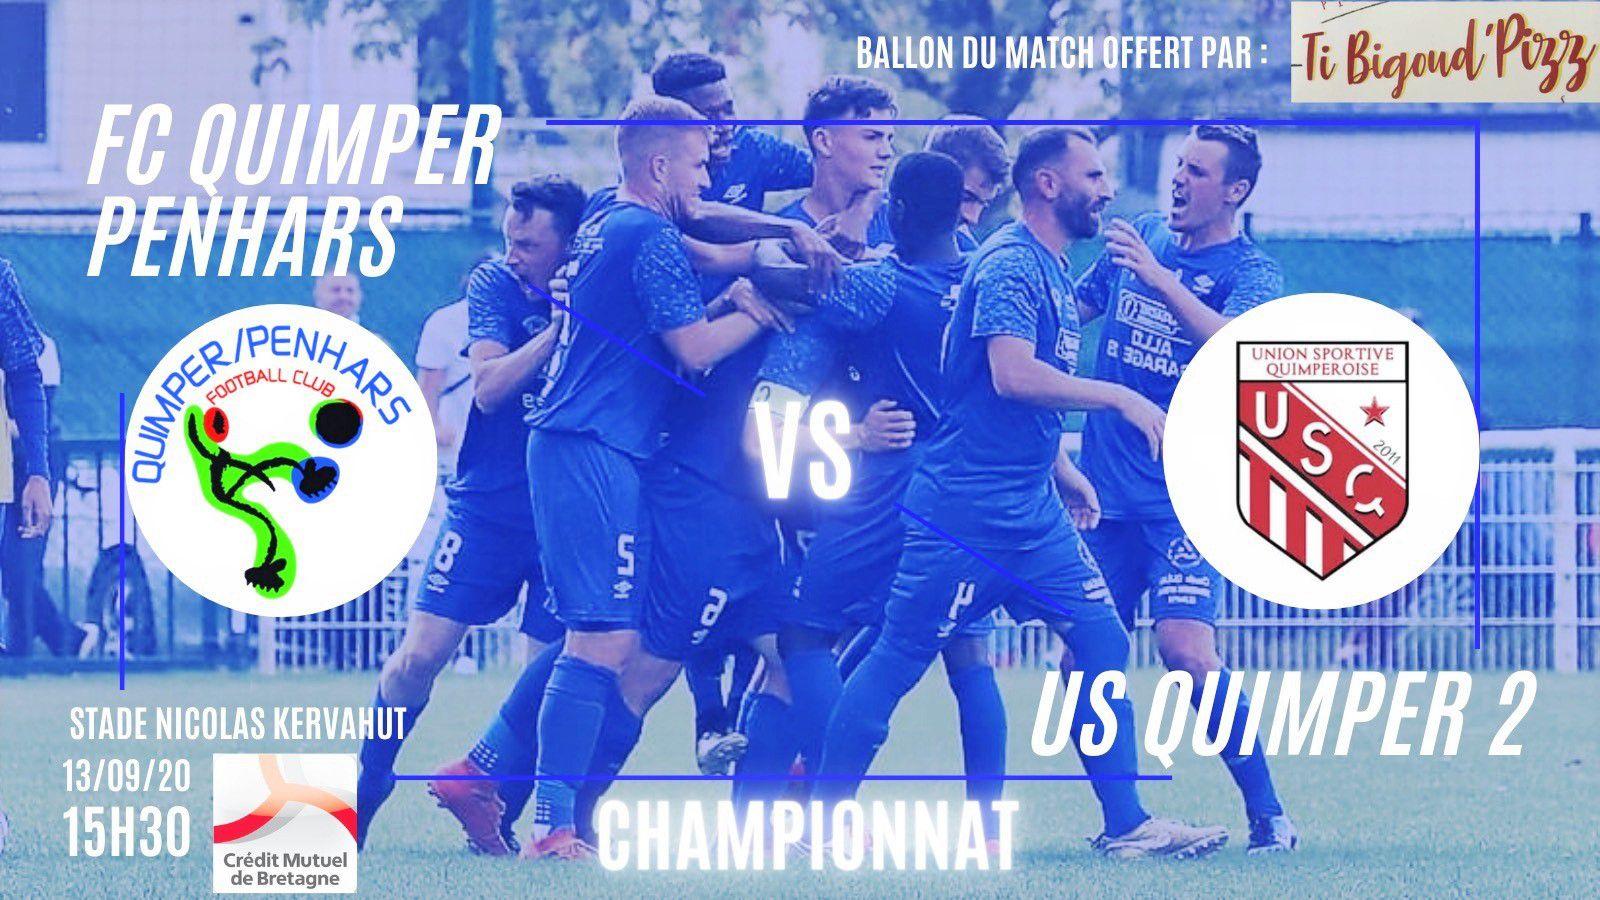 Derby foot dimanche 13 septembre stade Nicolas Kervahut (communiqué)